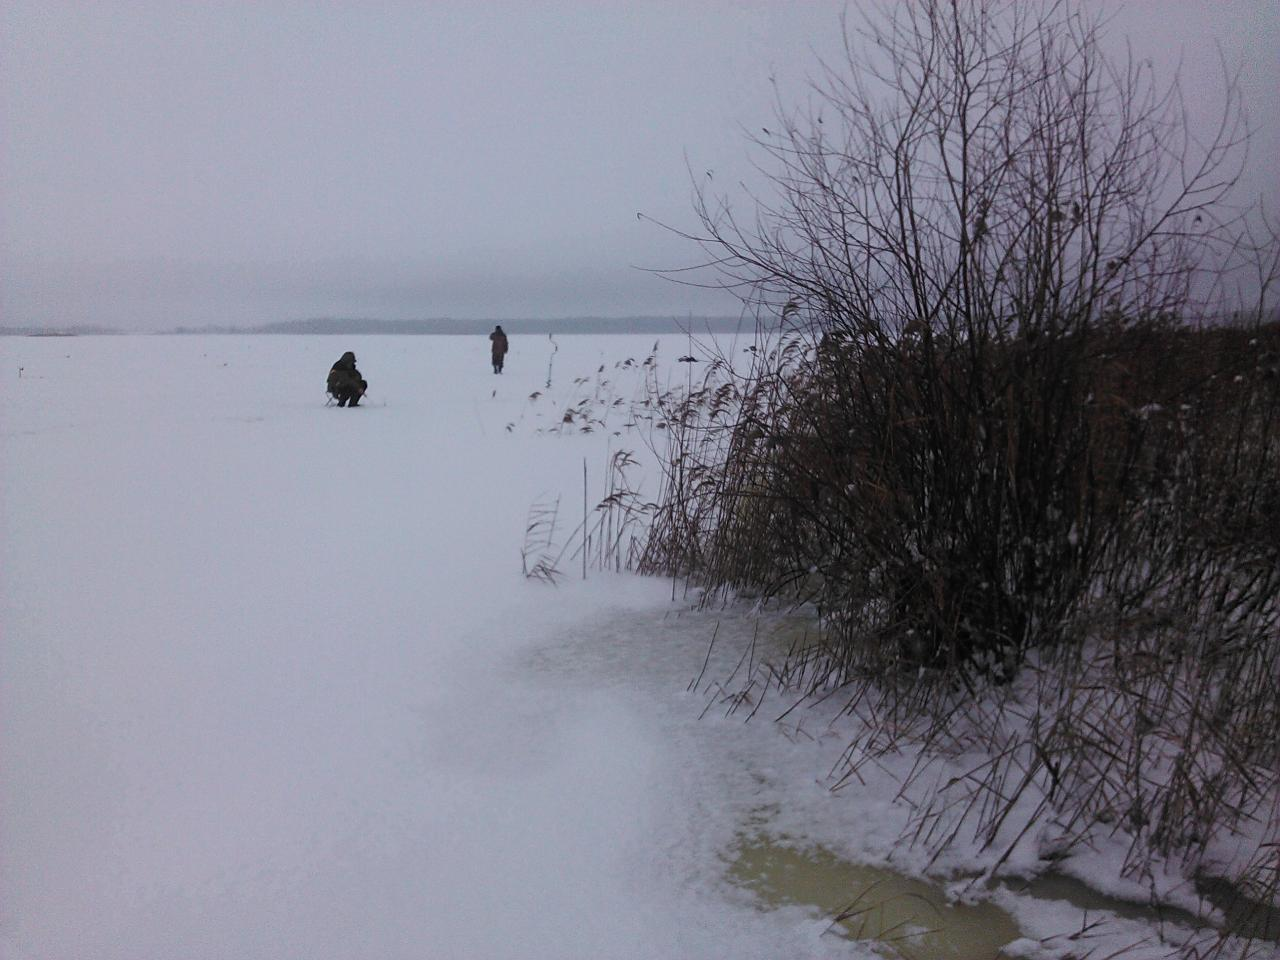 Любопытство взяло верх над здравым смыслом, решил заглянуть ...   Отчеты о рыбалке в Беларуси